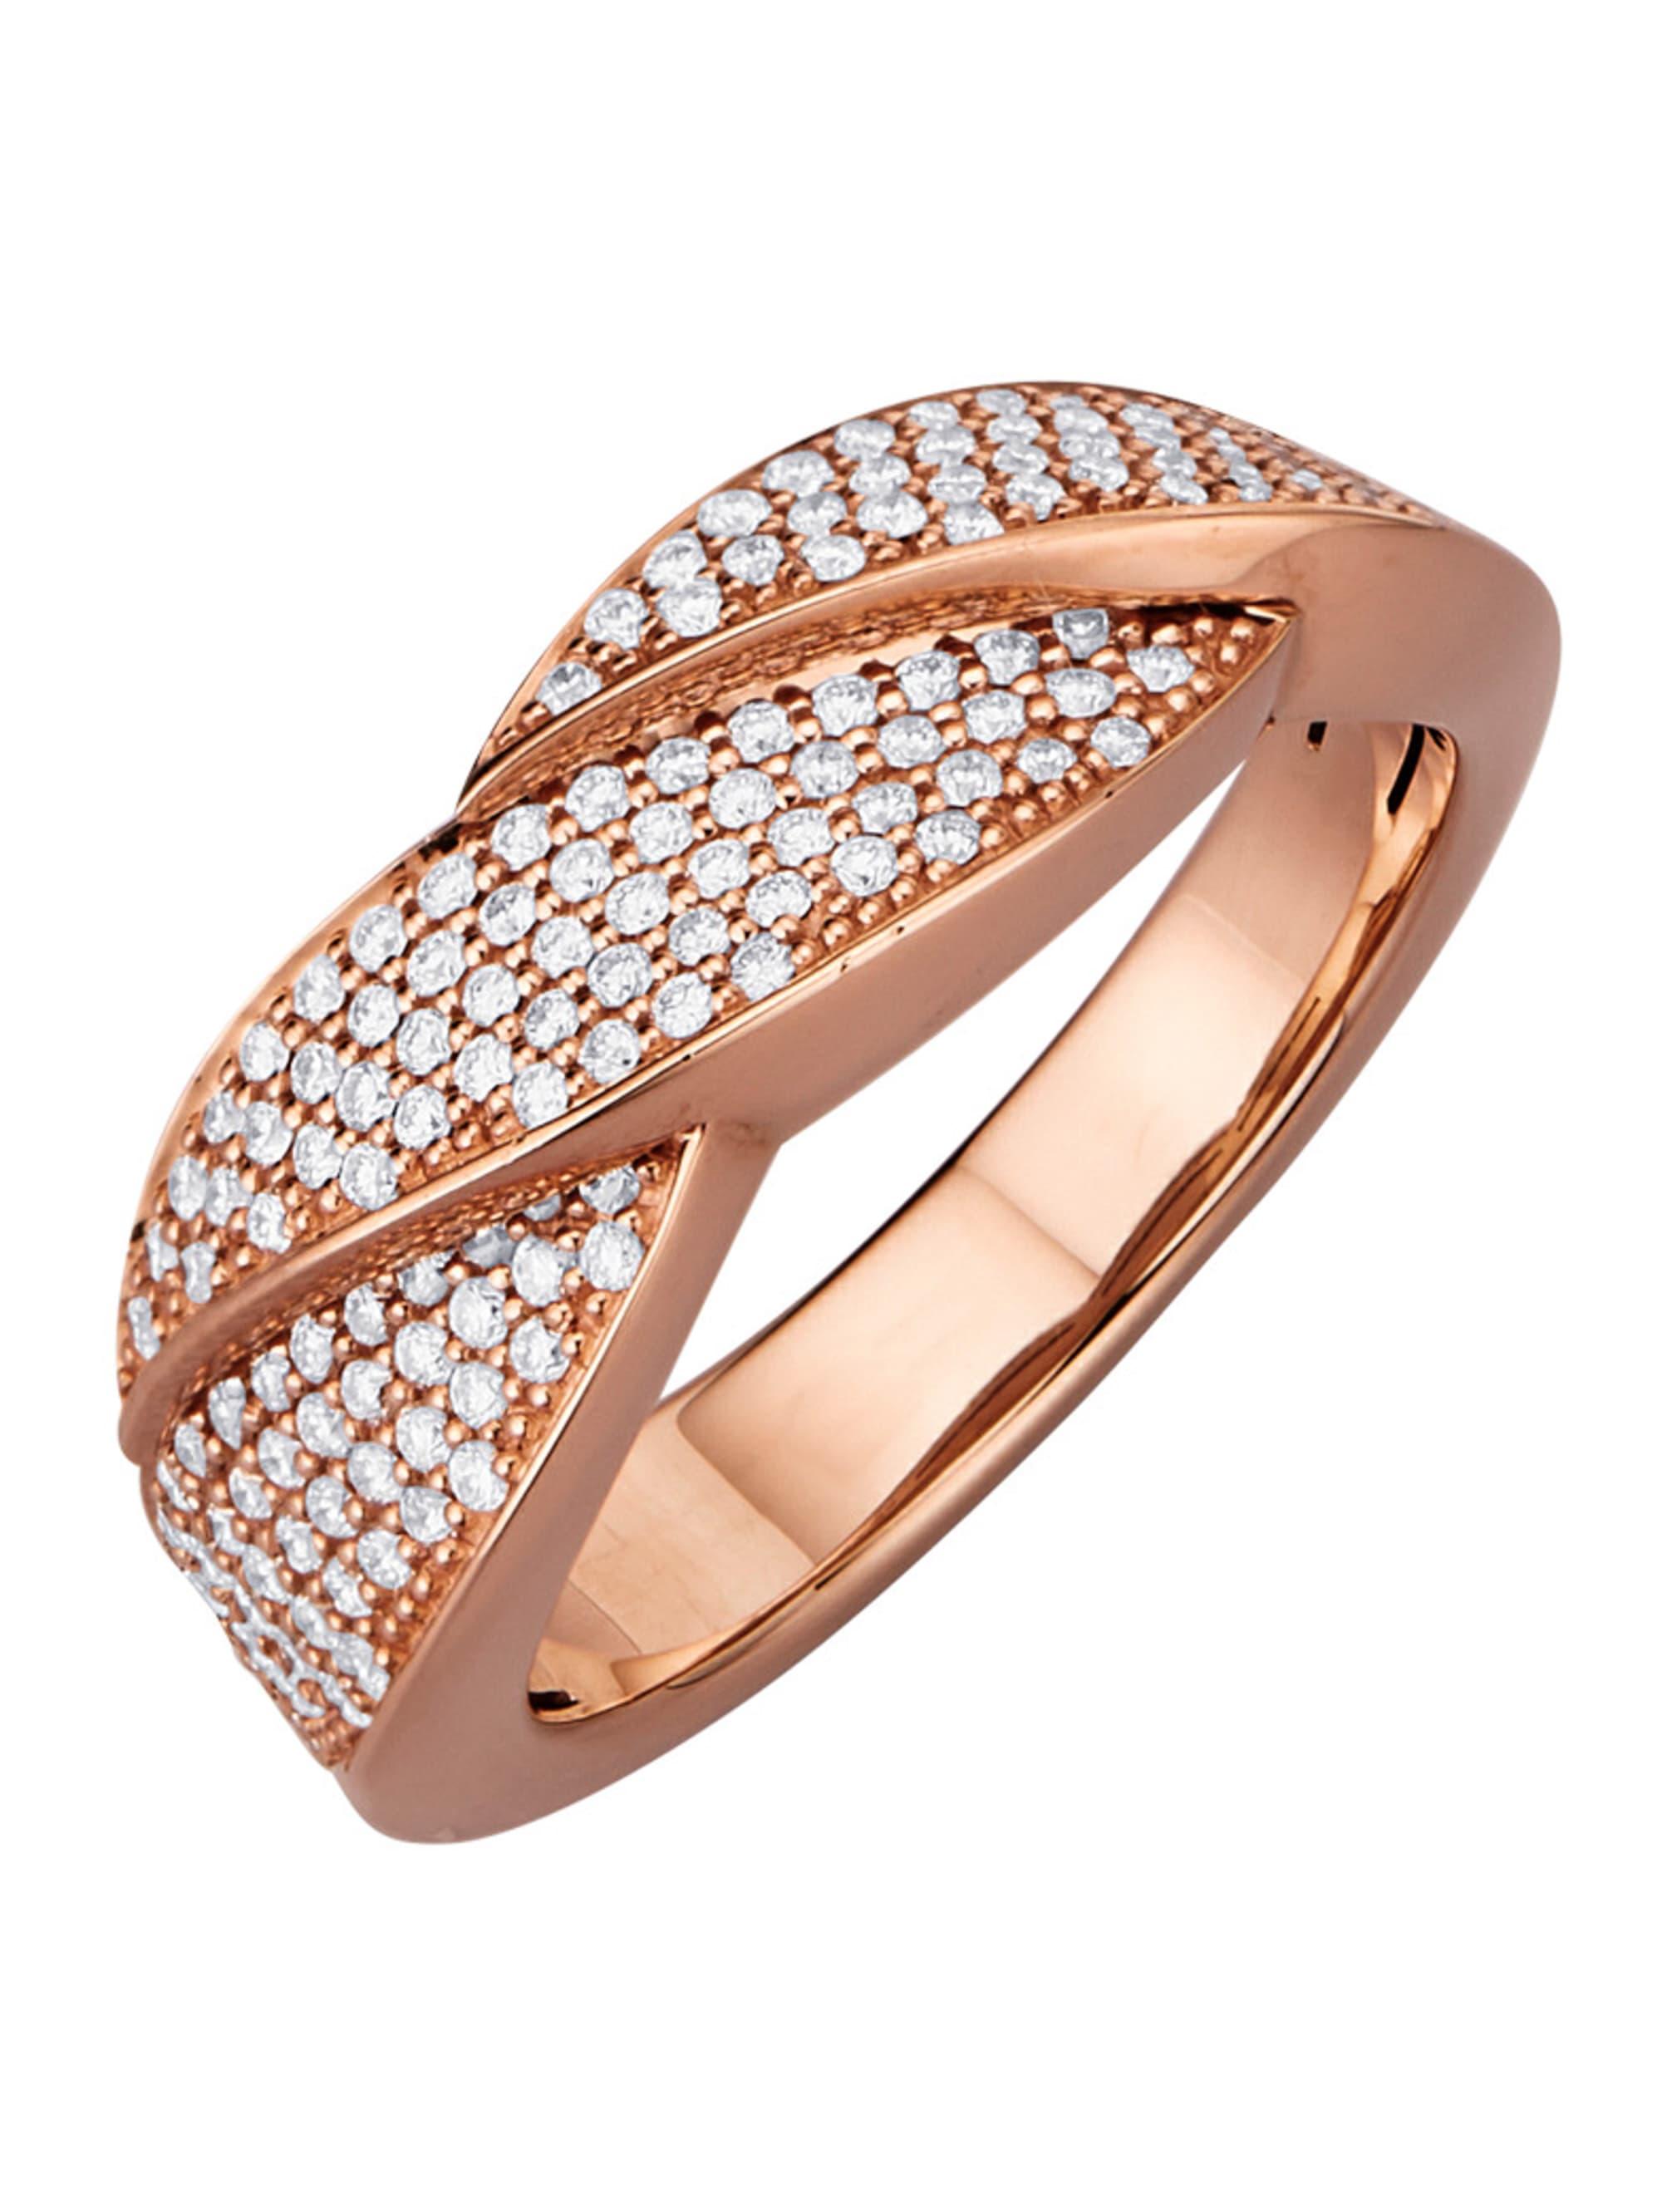 Diemer Diamant Damenring mit Brillanten uVJcz